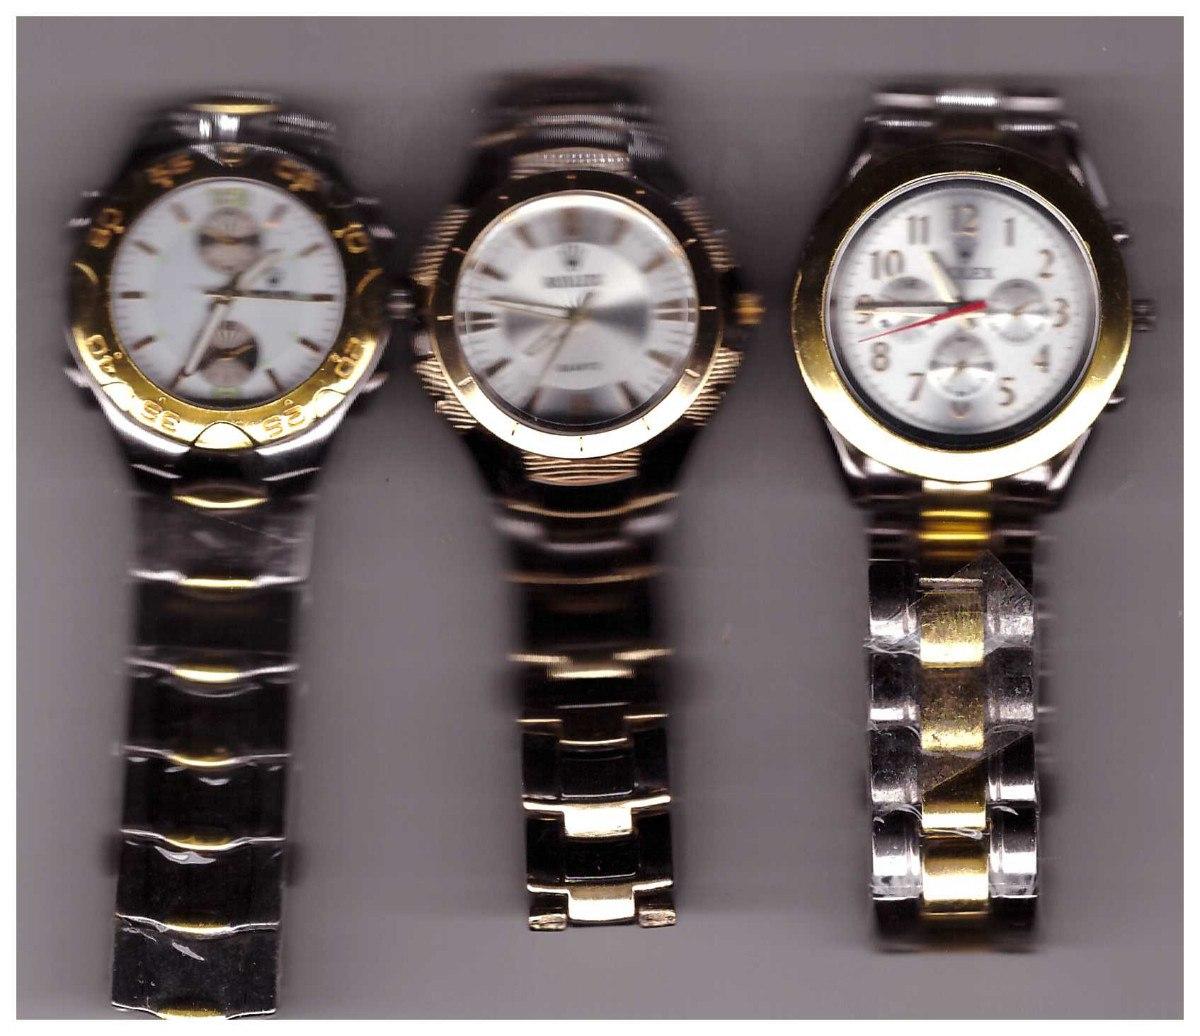 4118a1d4113 relógio modelo rolex quartz. Carregando zoom.